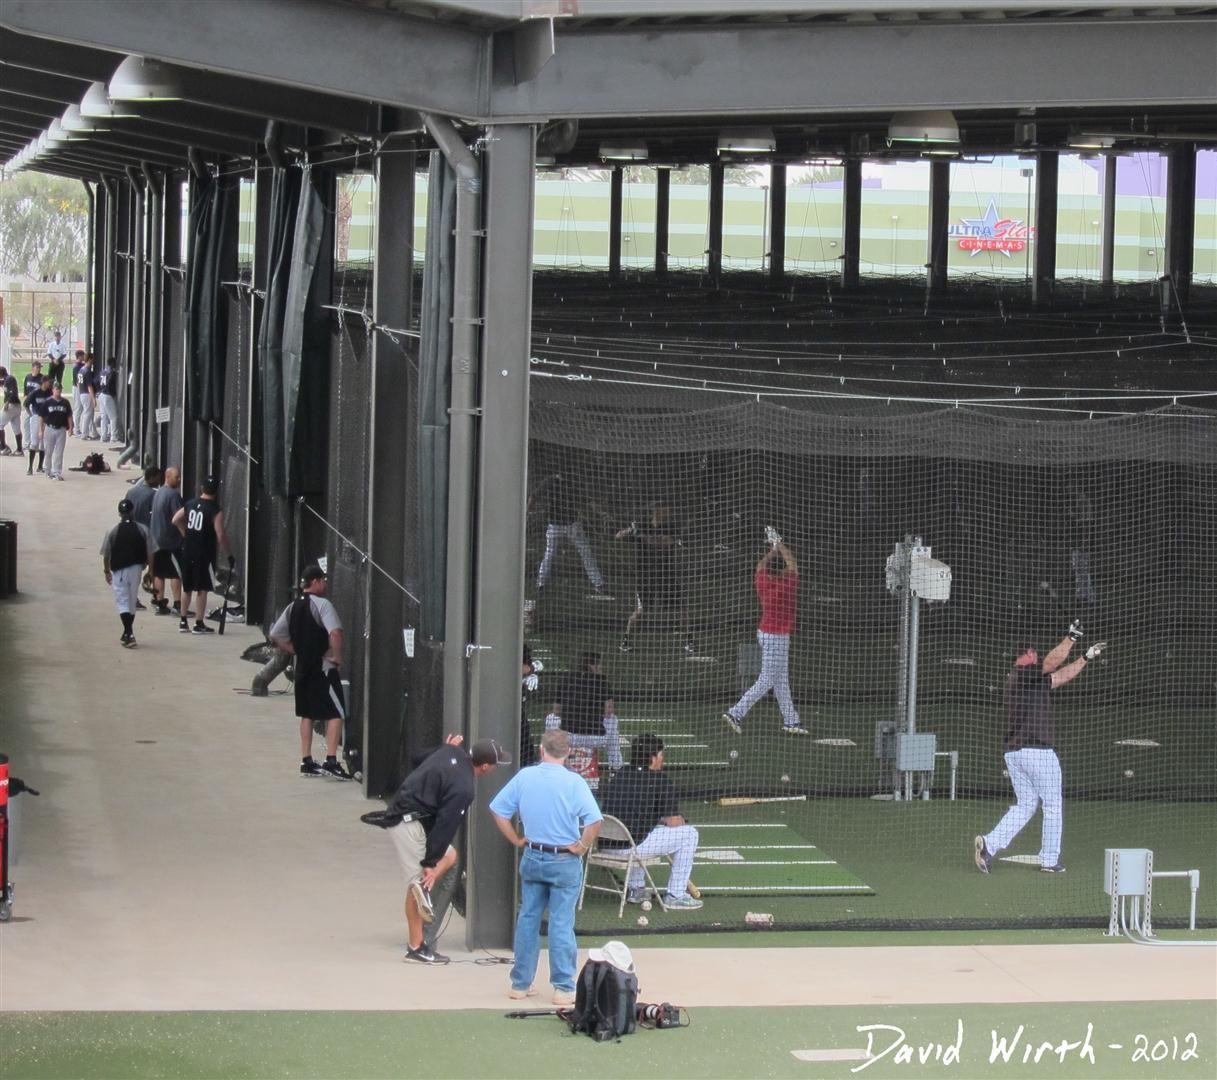 Spring Training Mlb Batting Cage | Spring Training Baseball Scottsdale  Arizona Batting Cages